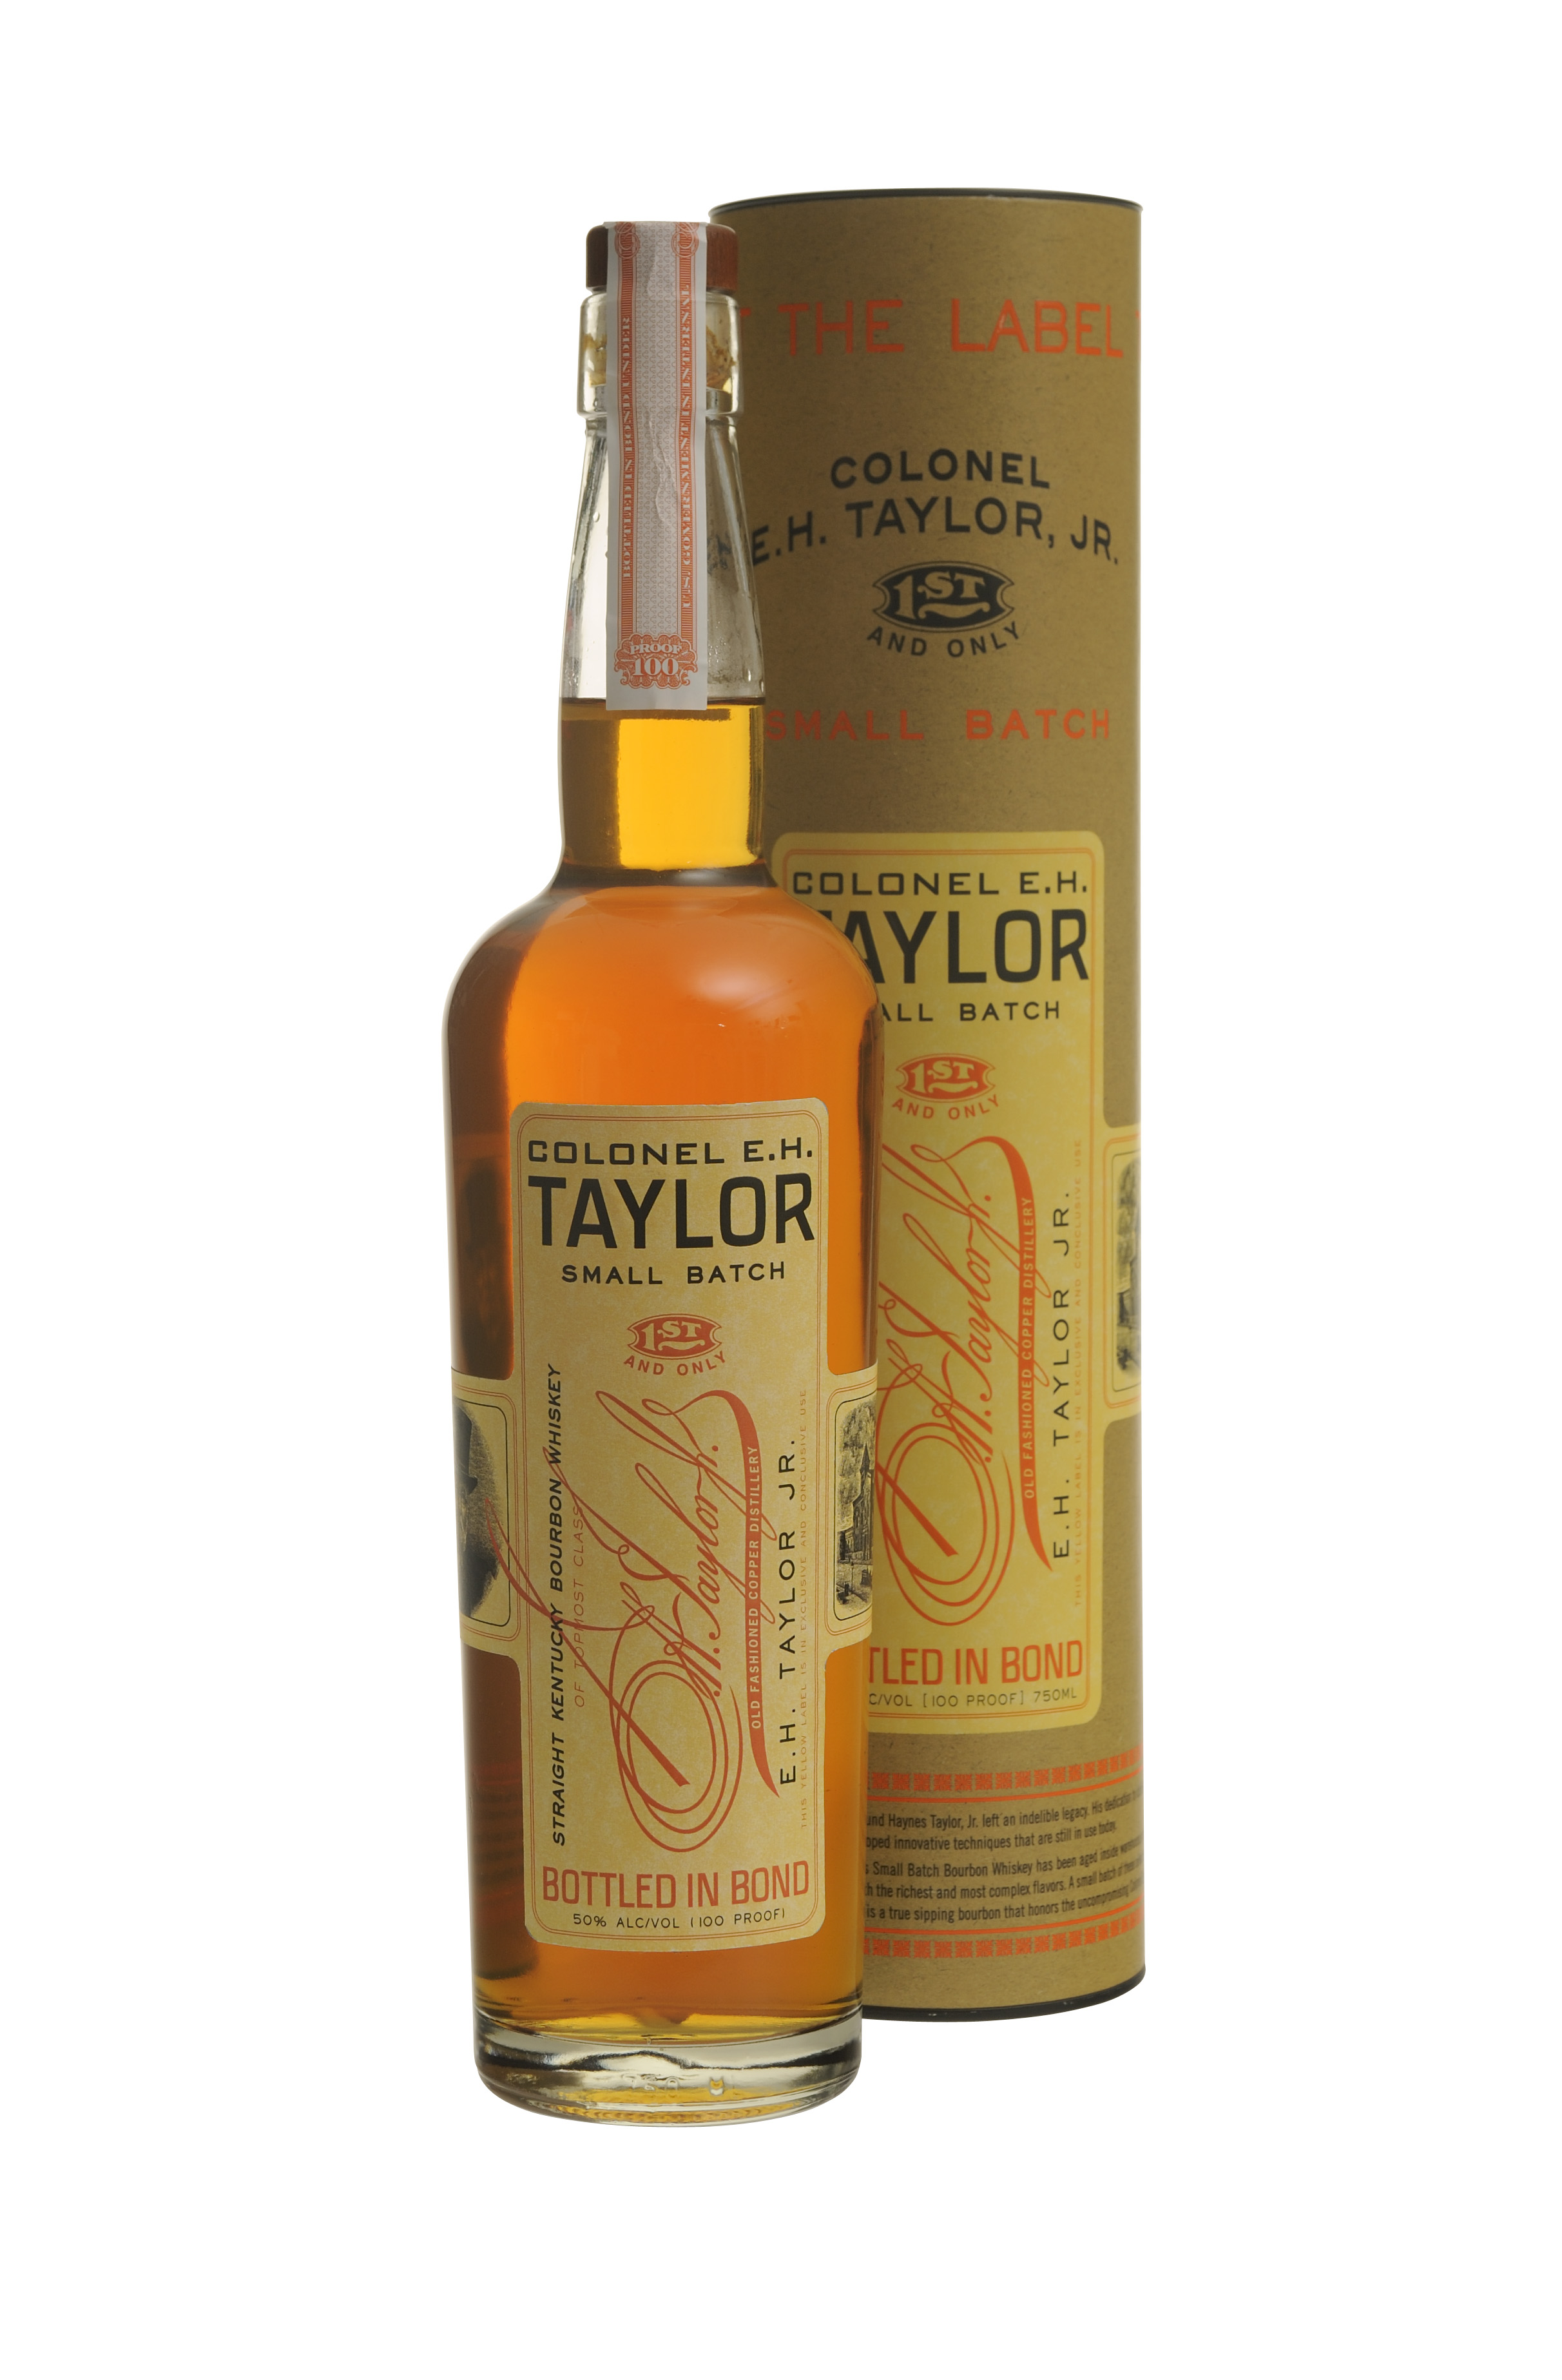 Col. E.H. Taylor Small Batch Bourbon